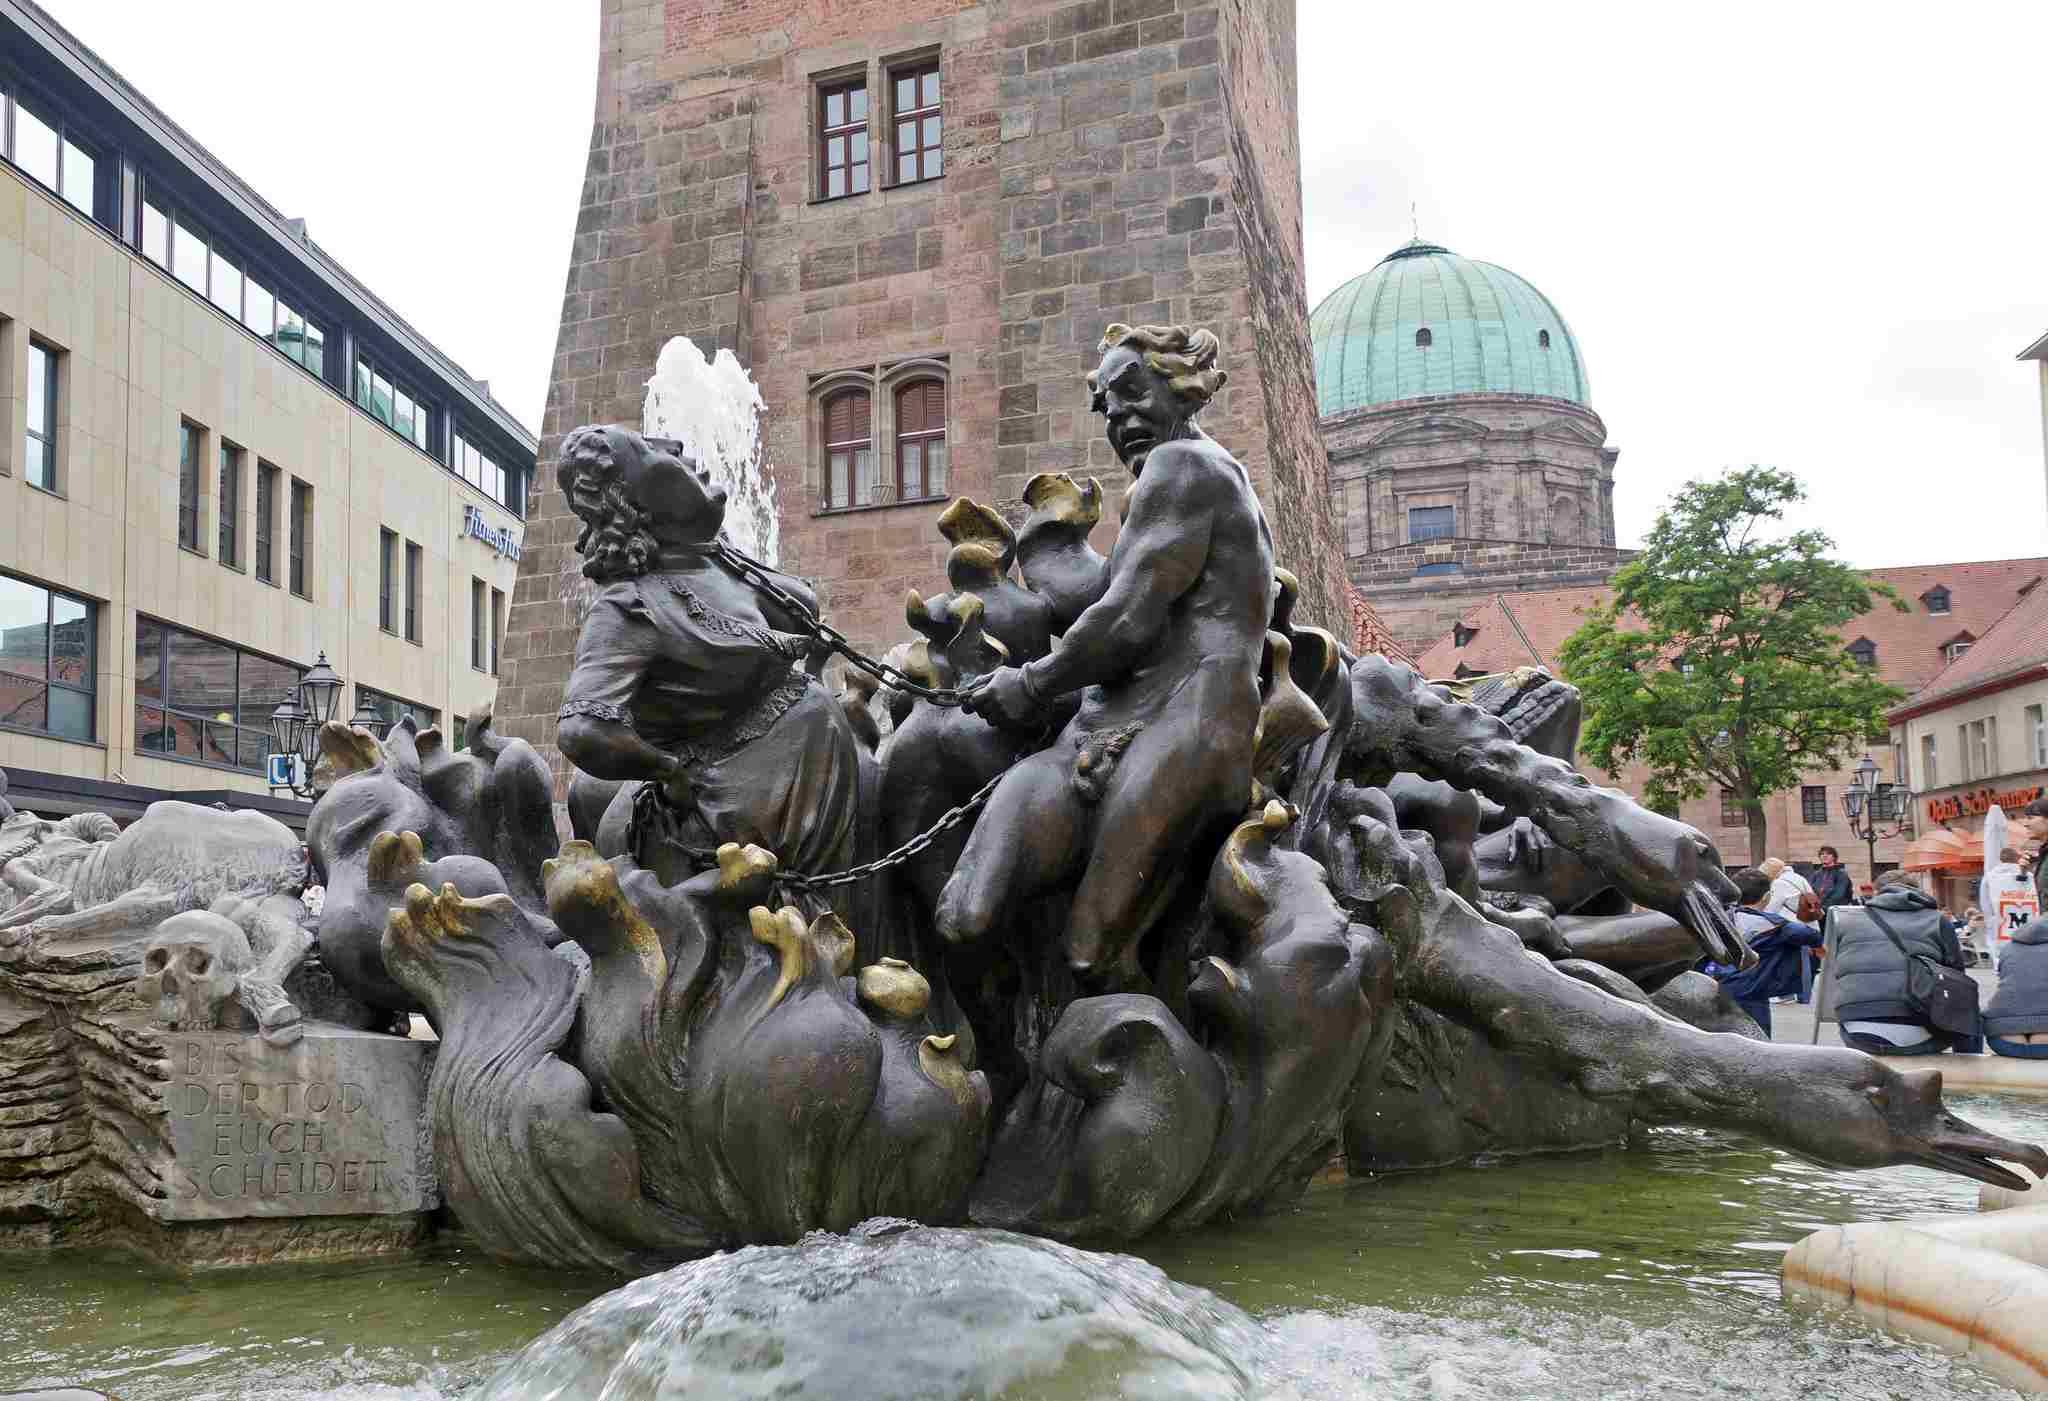 Ehekarussell in Nuremberg